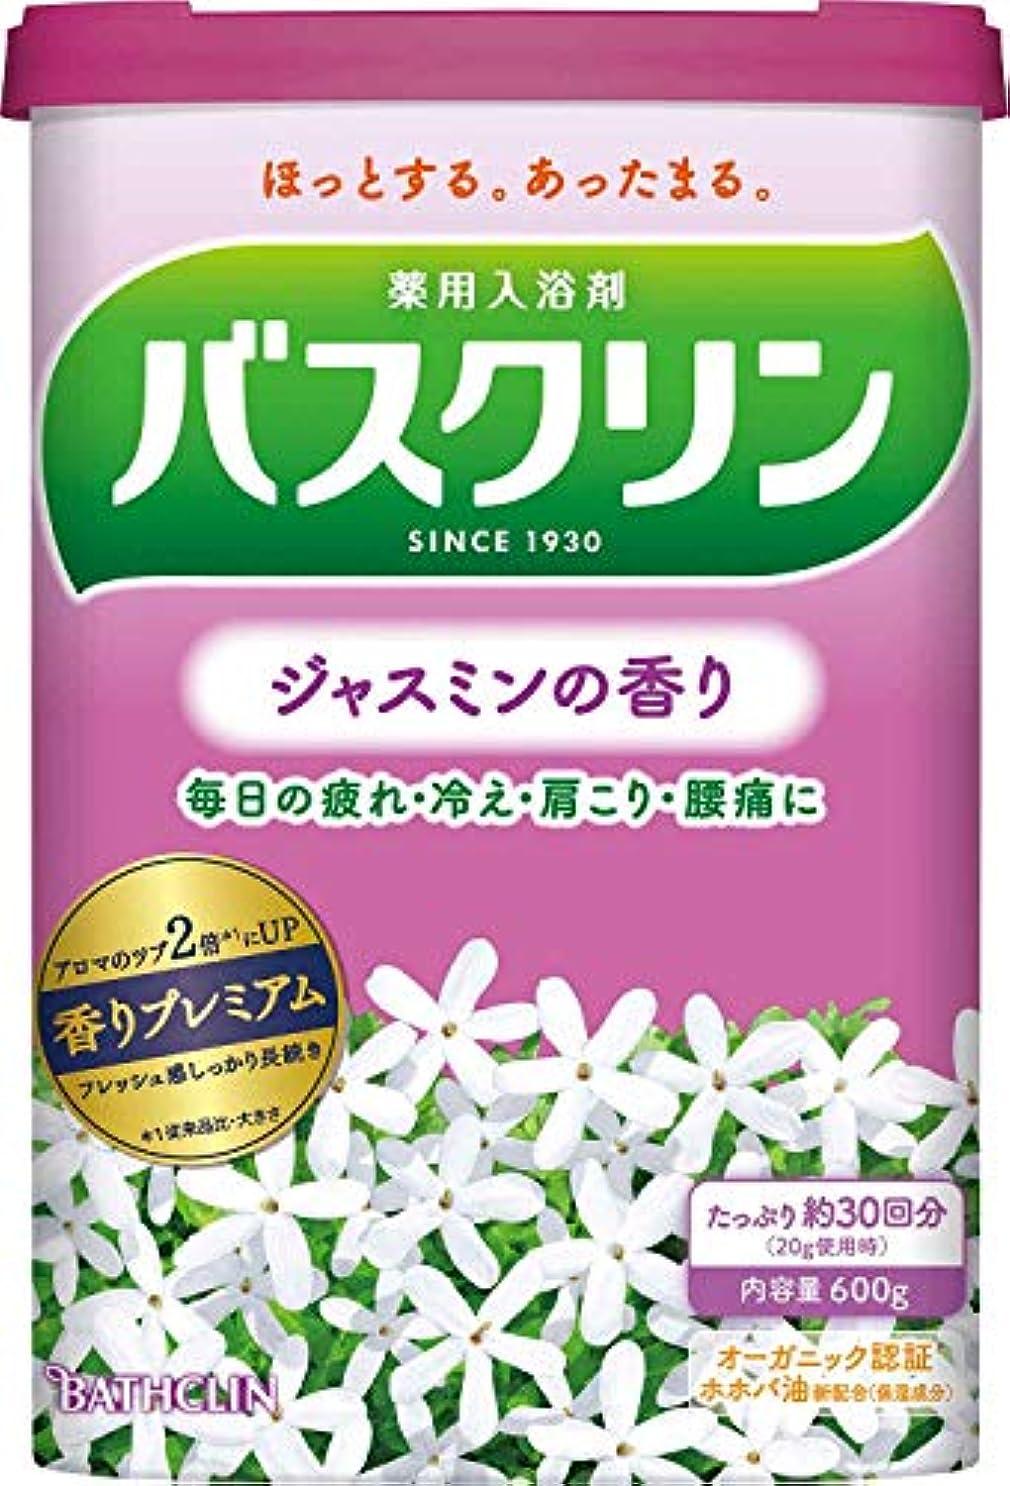 に独裁者支配的【医薬部外品】バスクリン入浴剤 ジャスミンの香り600g(約30回分) 疲労回復